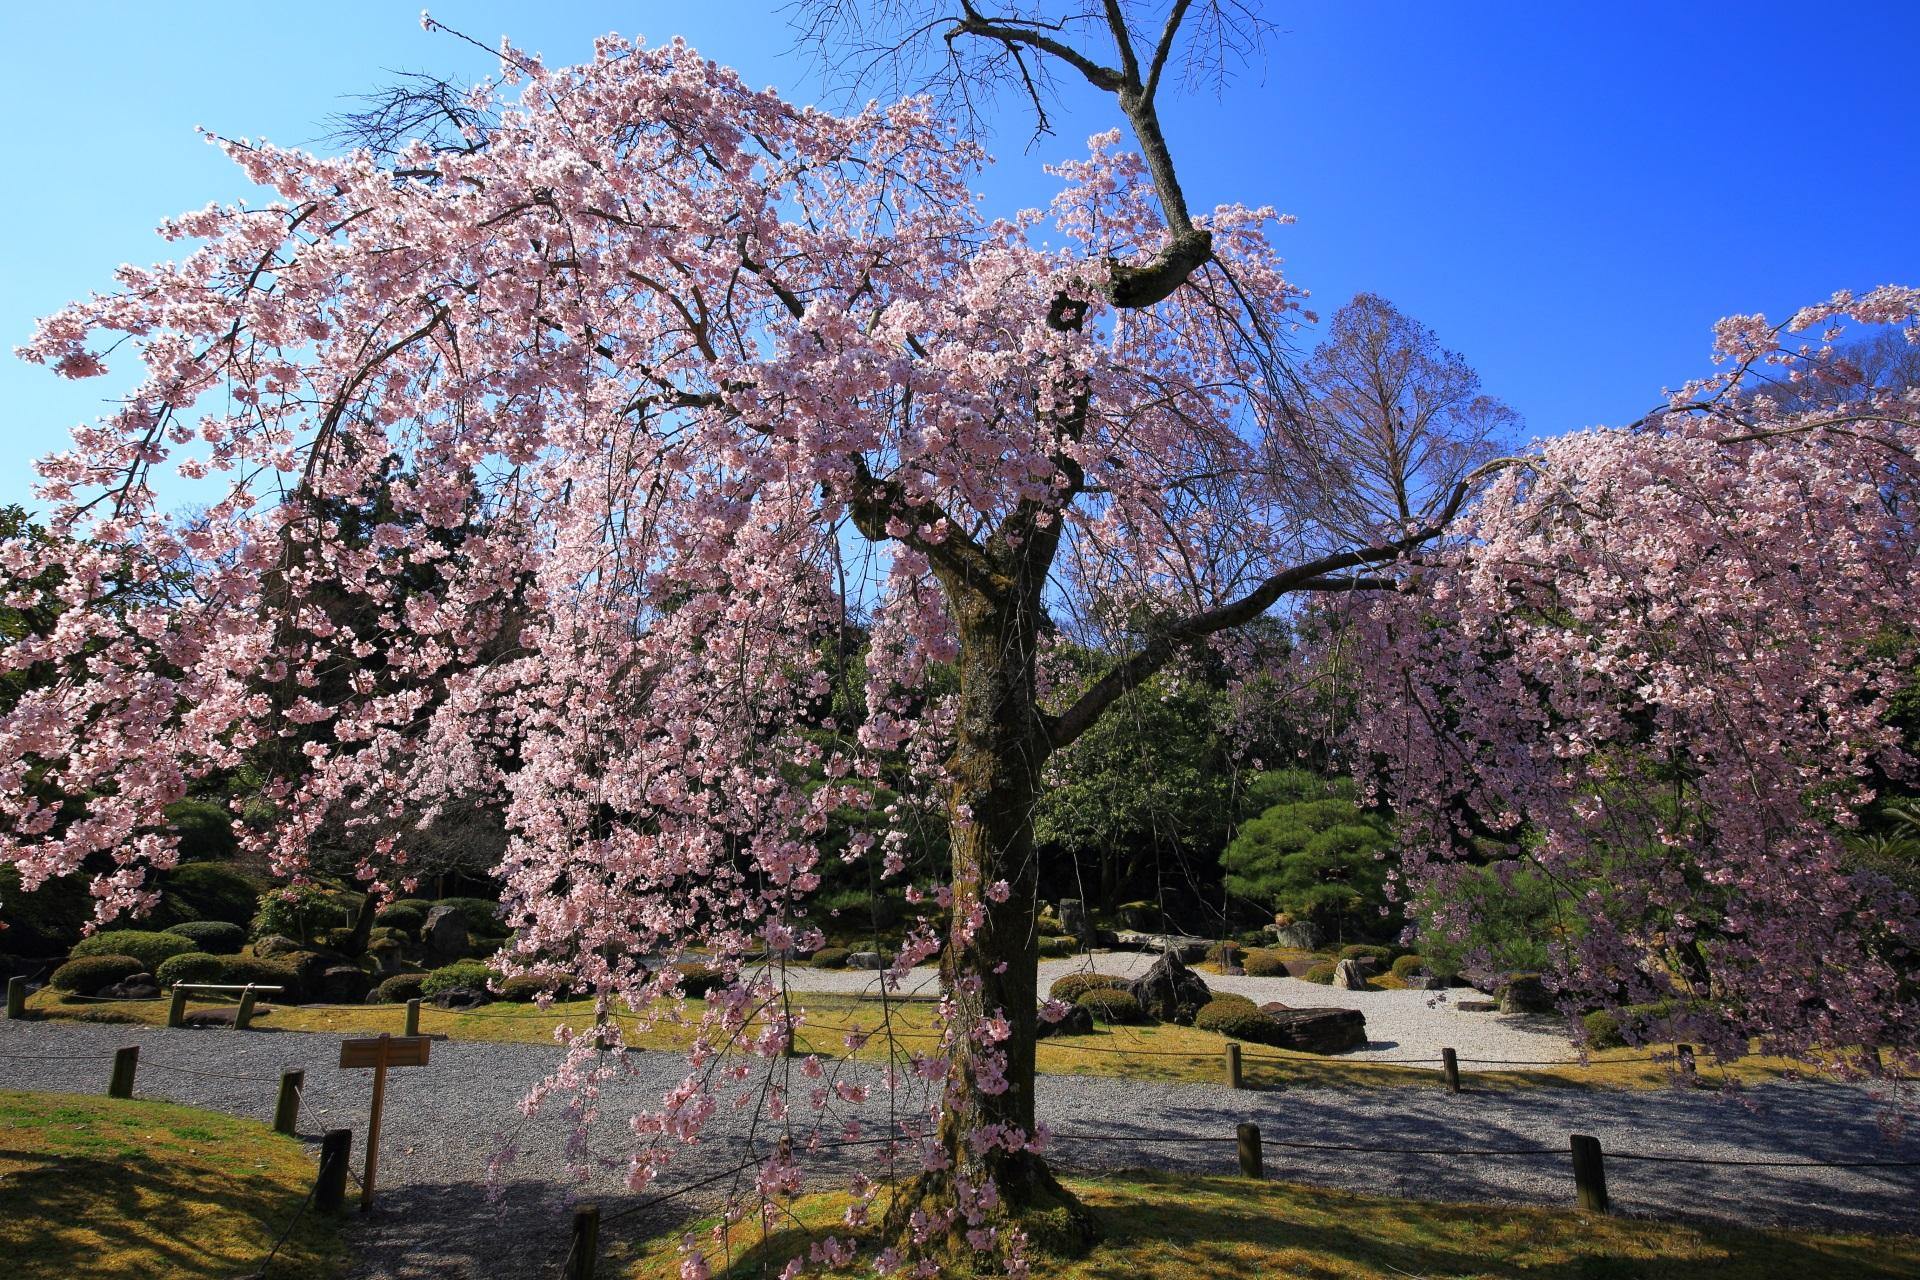 友禅苑の枯山水庭園の傍らに立つしだれ桜